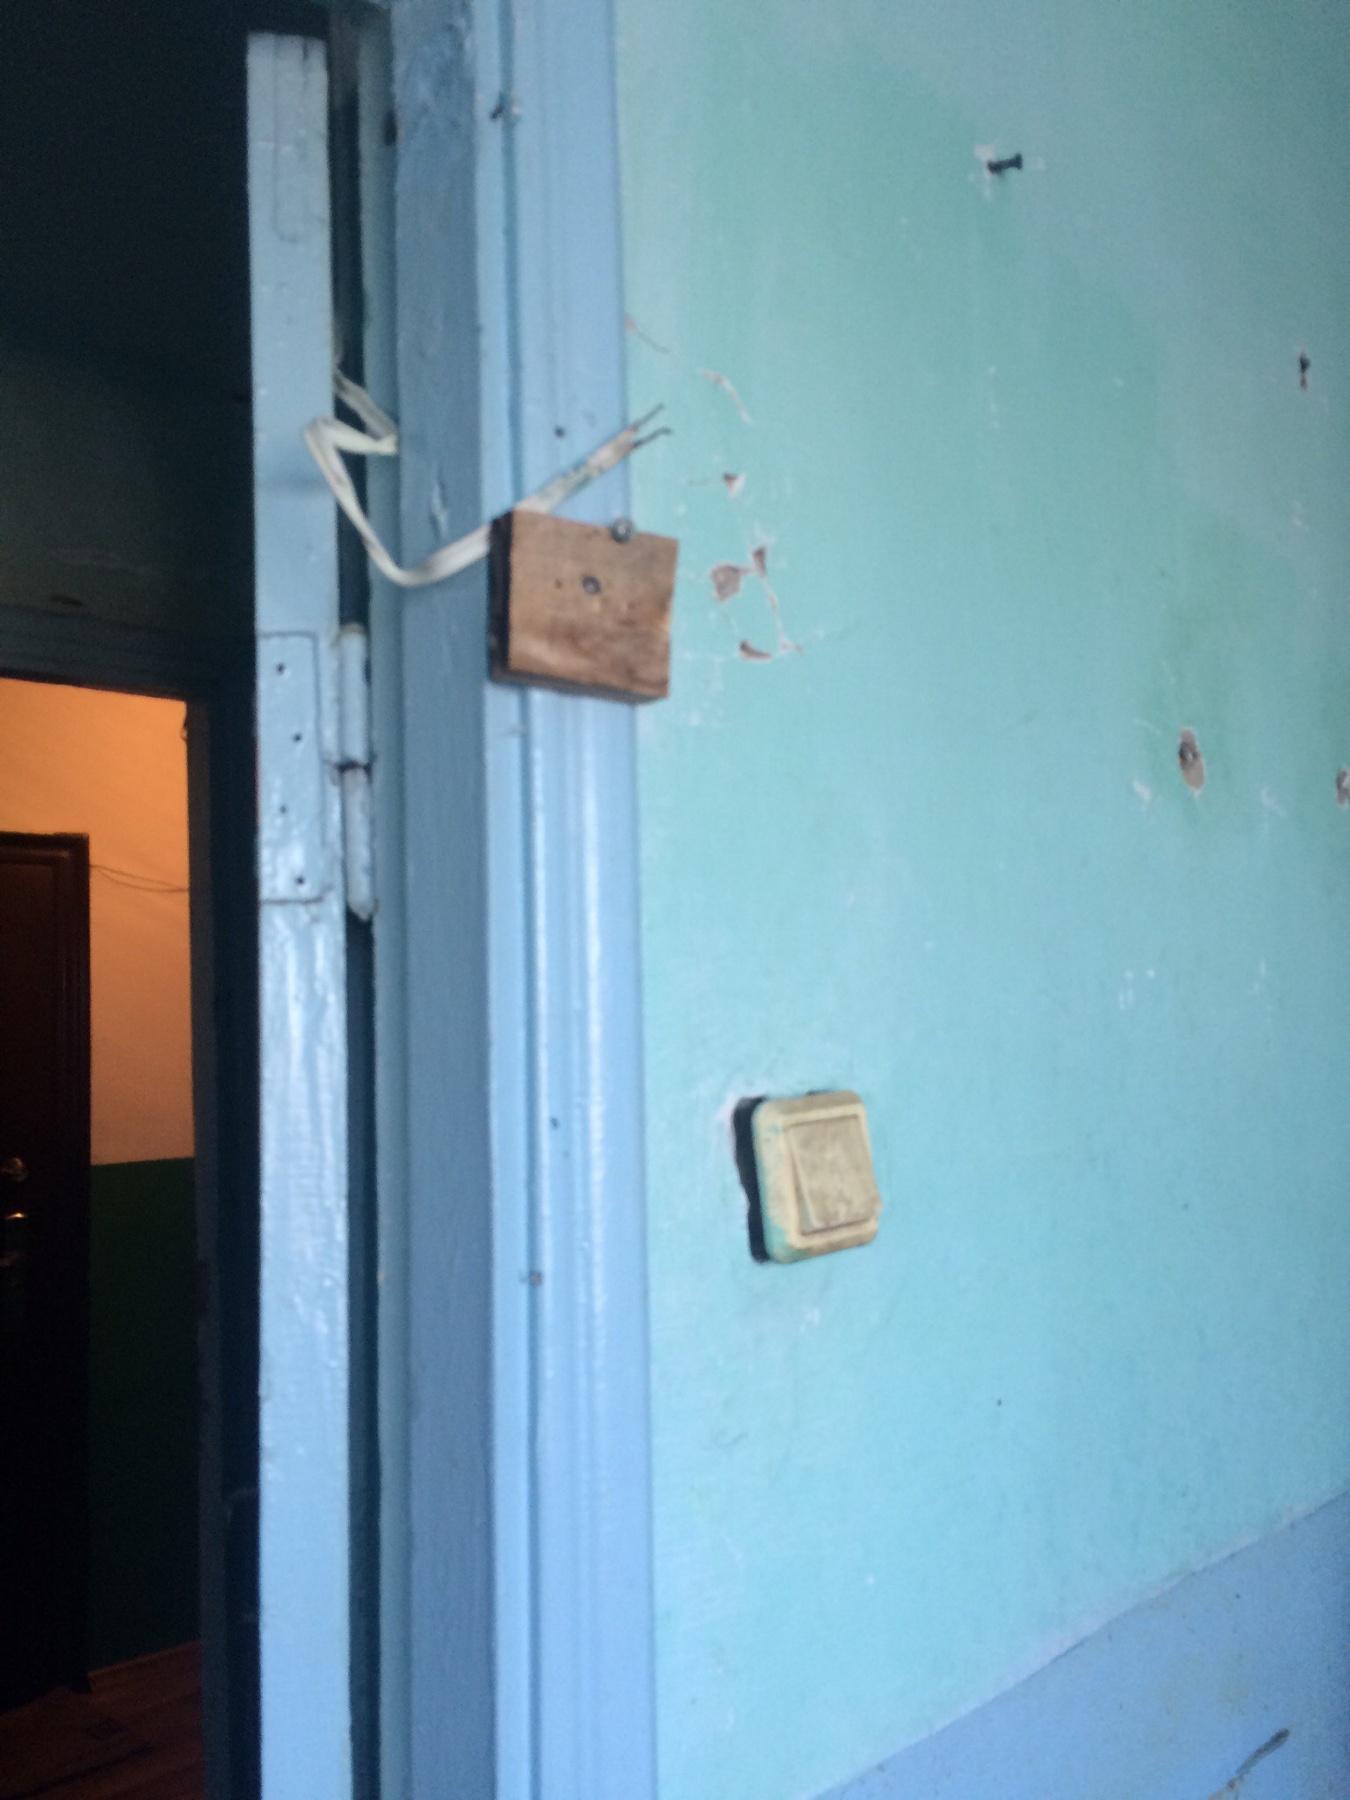 """Тюменка, согласившаяся перебраться в глубинку в рамках программы «Земский доктор», была шокирована состоянием предложенного ей служебного жилья. Разводы на стенах, сломанная сантехника, входная дверь из фанеры, дыры в полу… Молодой врач живёт сейчас в больничном отделении без возможности нормально помыться, а руководство намекает, чтобы """"сваливали"""" из отделения, сообщила medrussia.org молодой врач."""